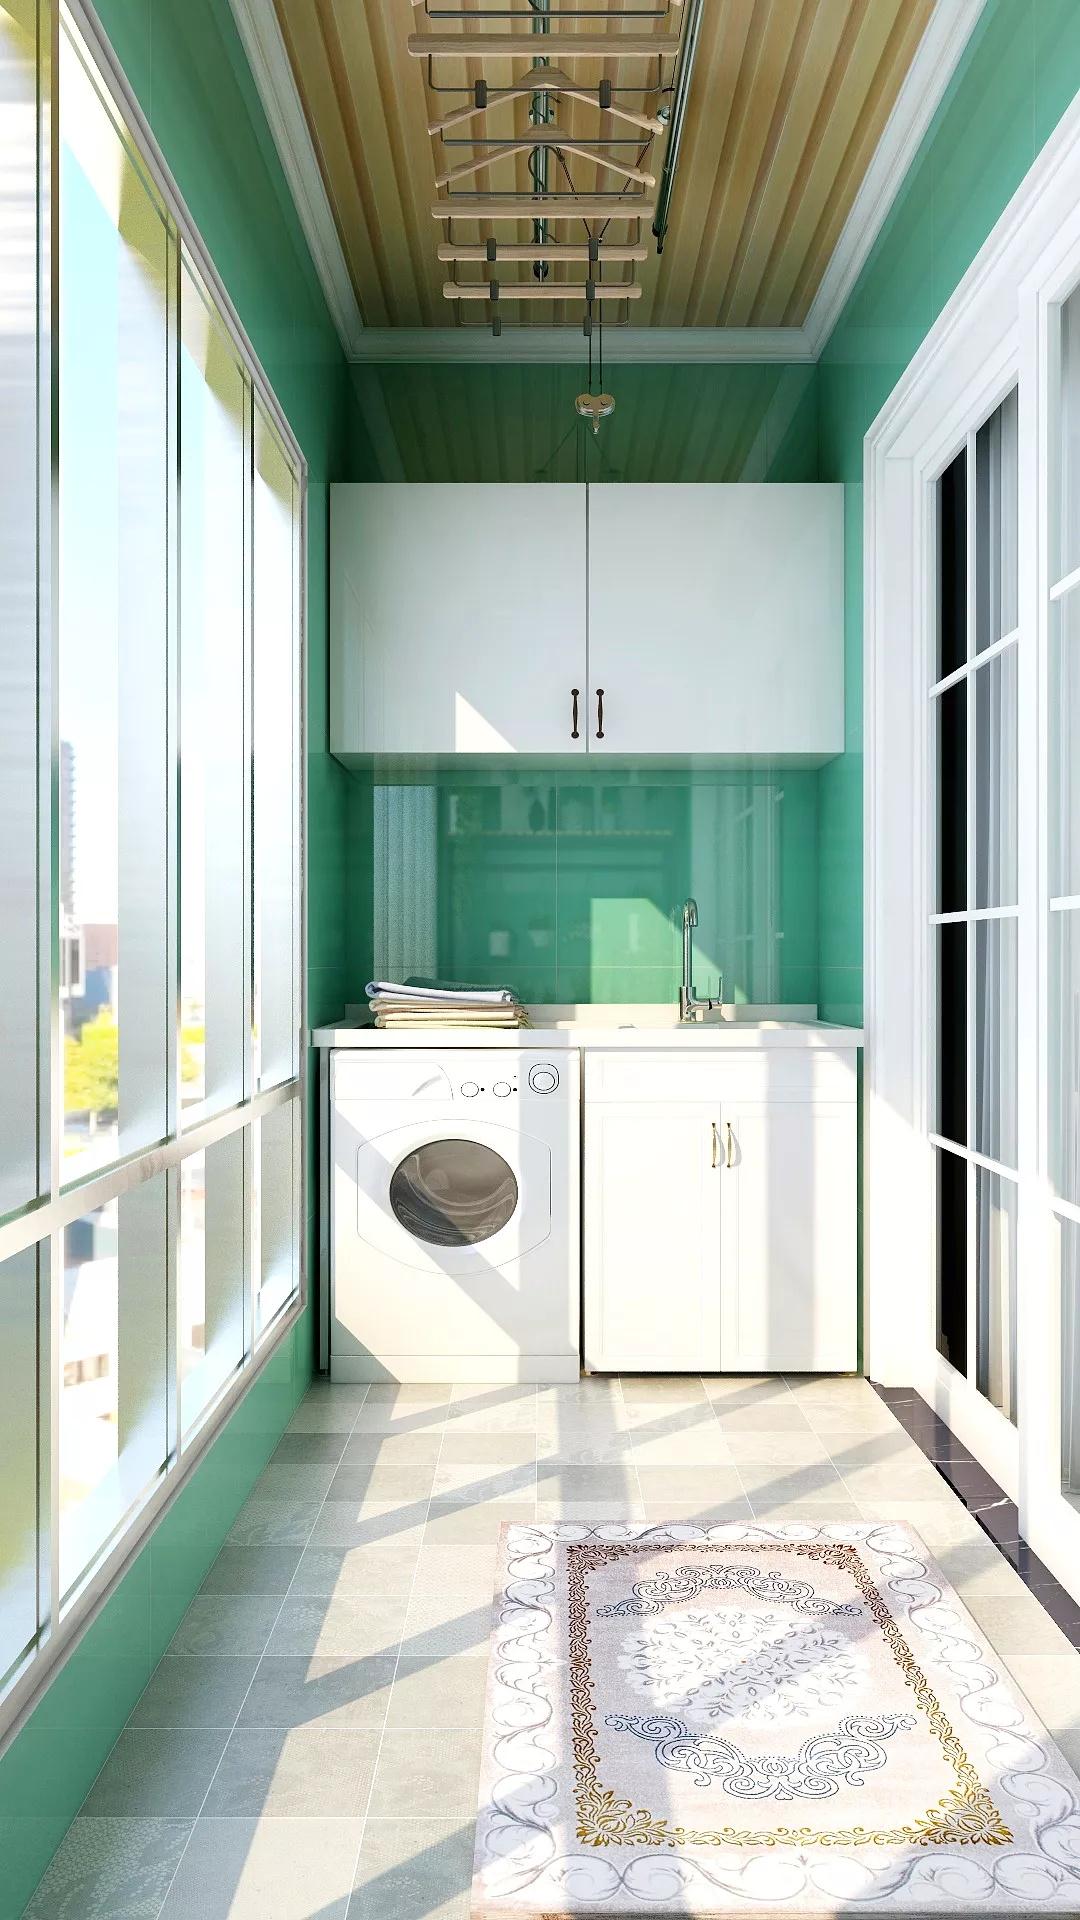 如何打造理想的厨房空间?厨房装修技巧分享